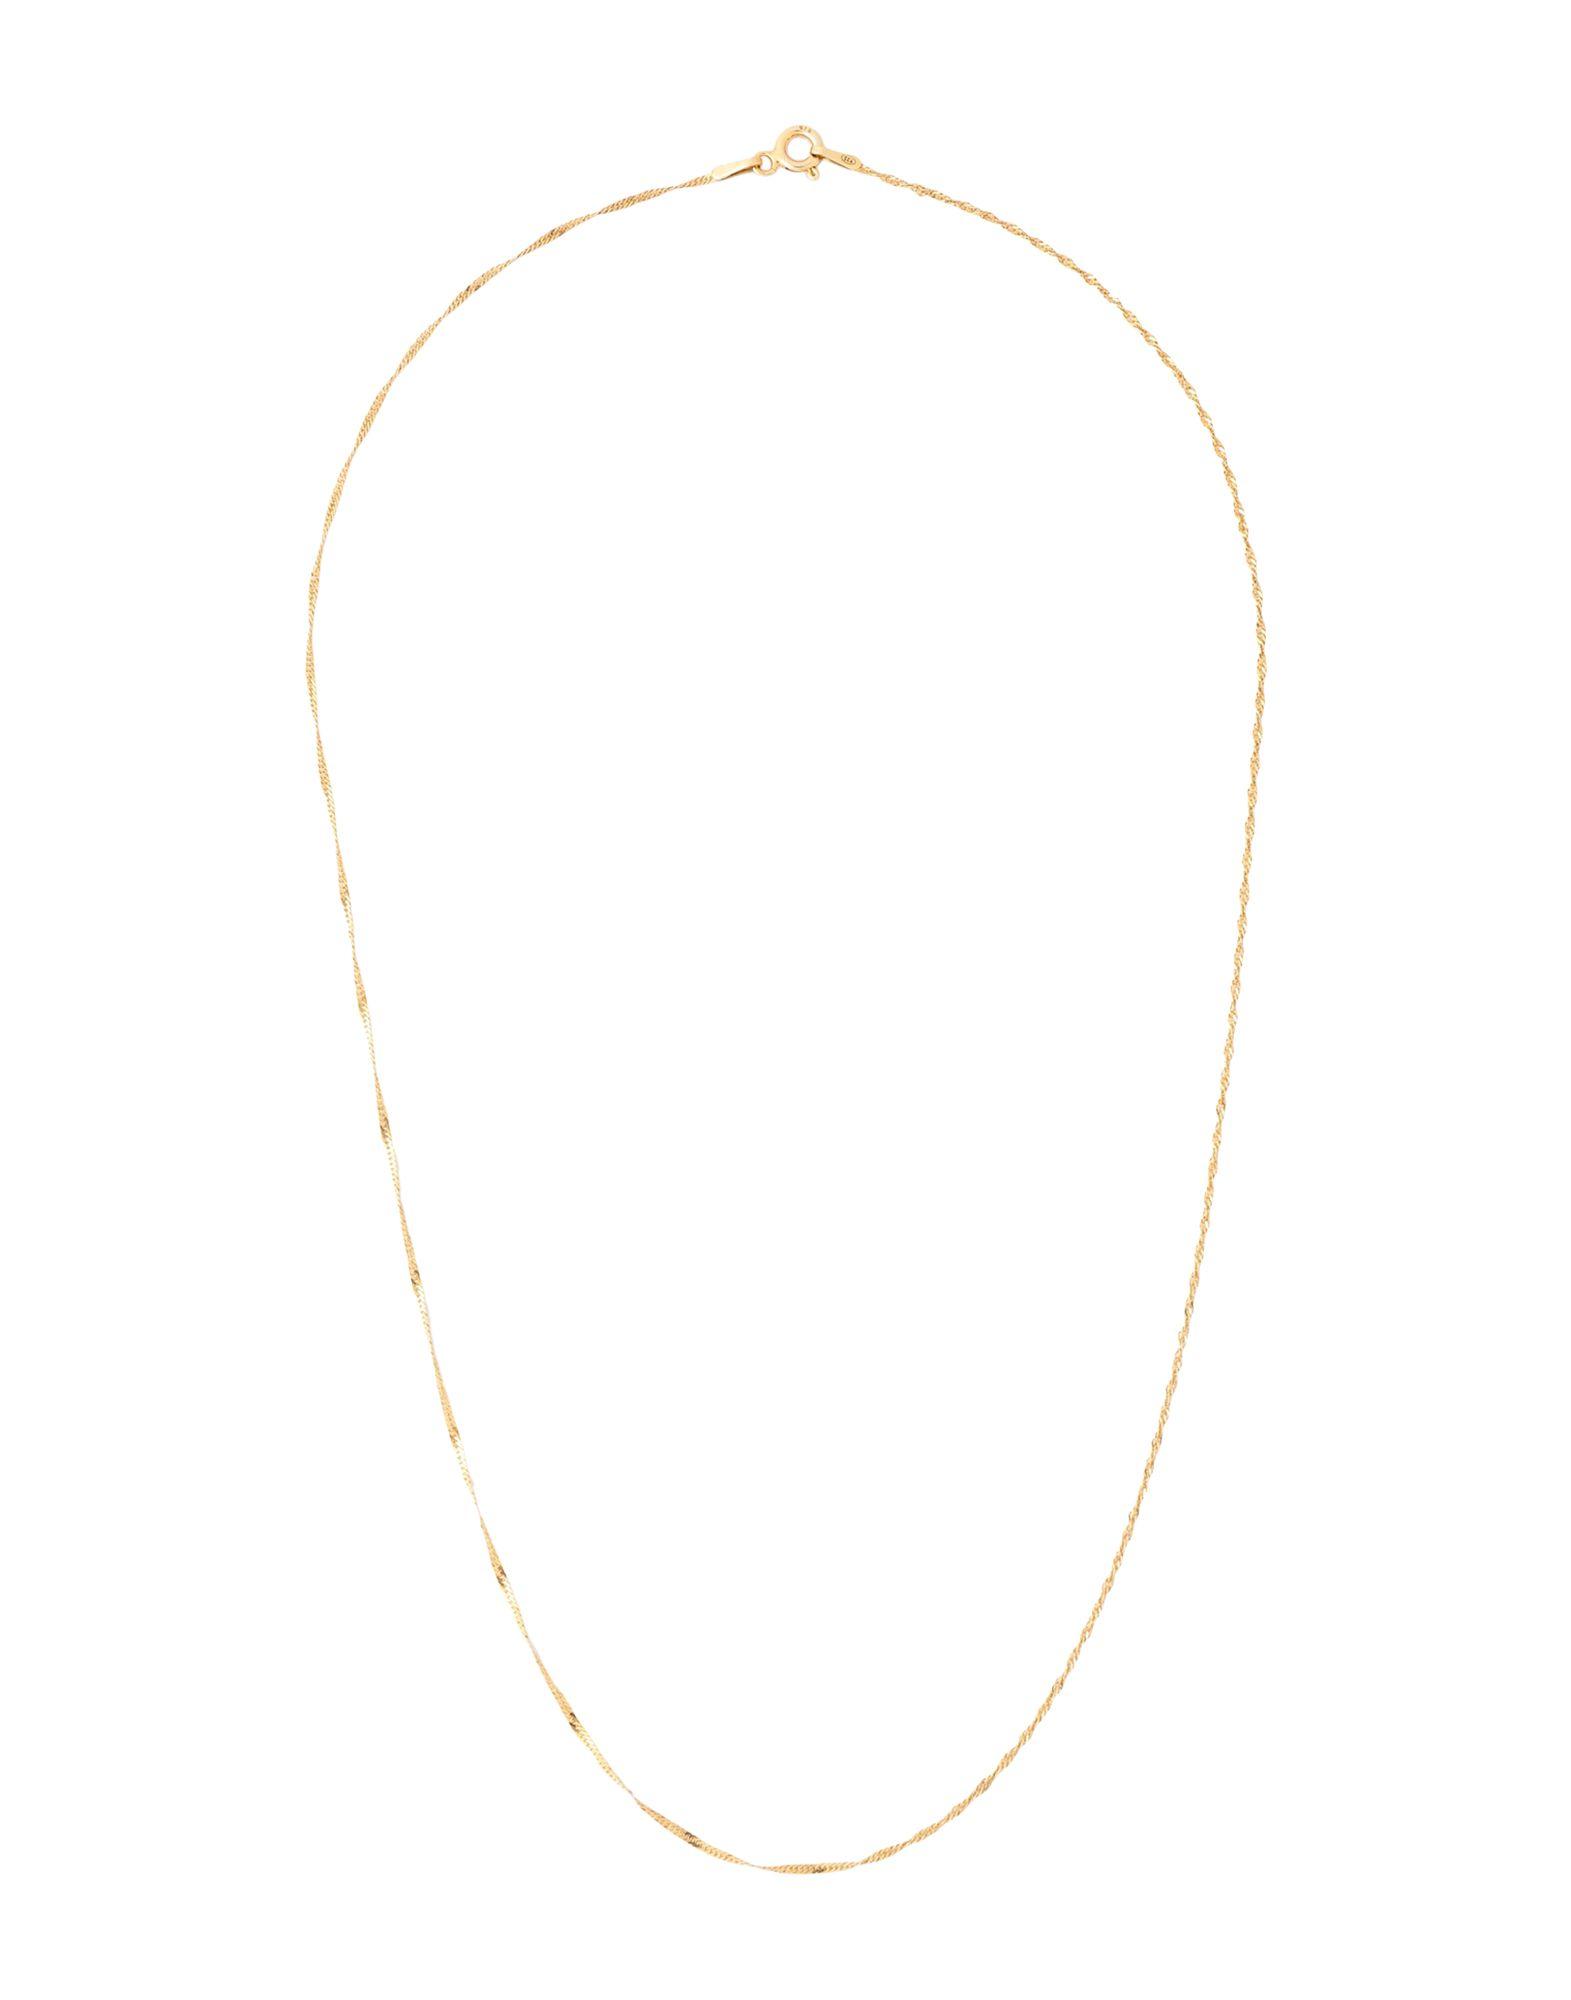 《セール開催中》HERMINA ATHENS レディース ネックレス ゴールド シルバー925/1000 100% SINGAPORE CHAIN